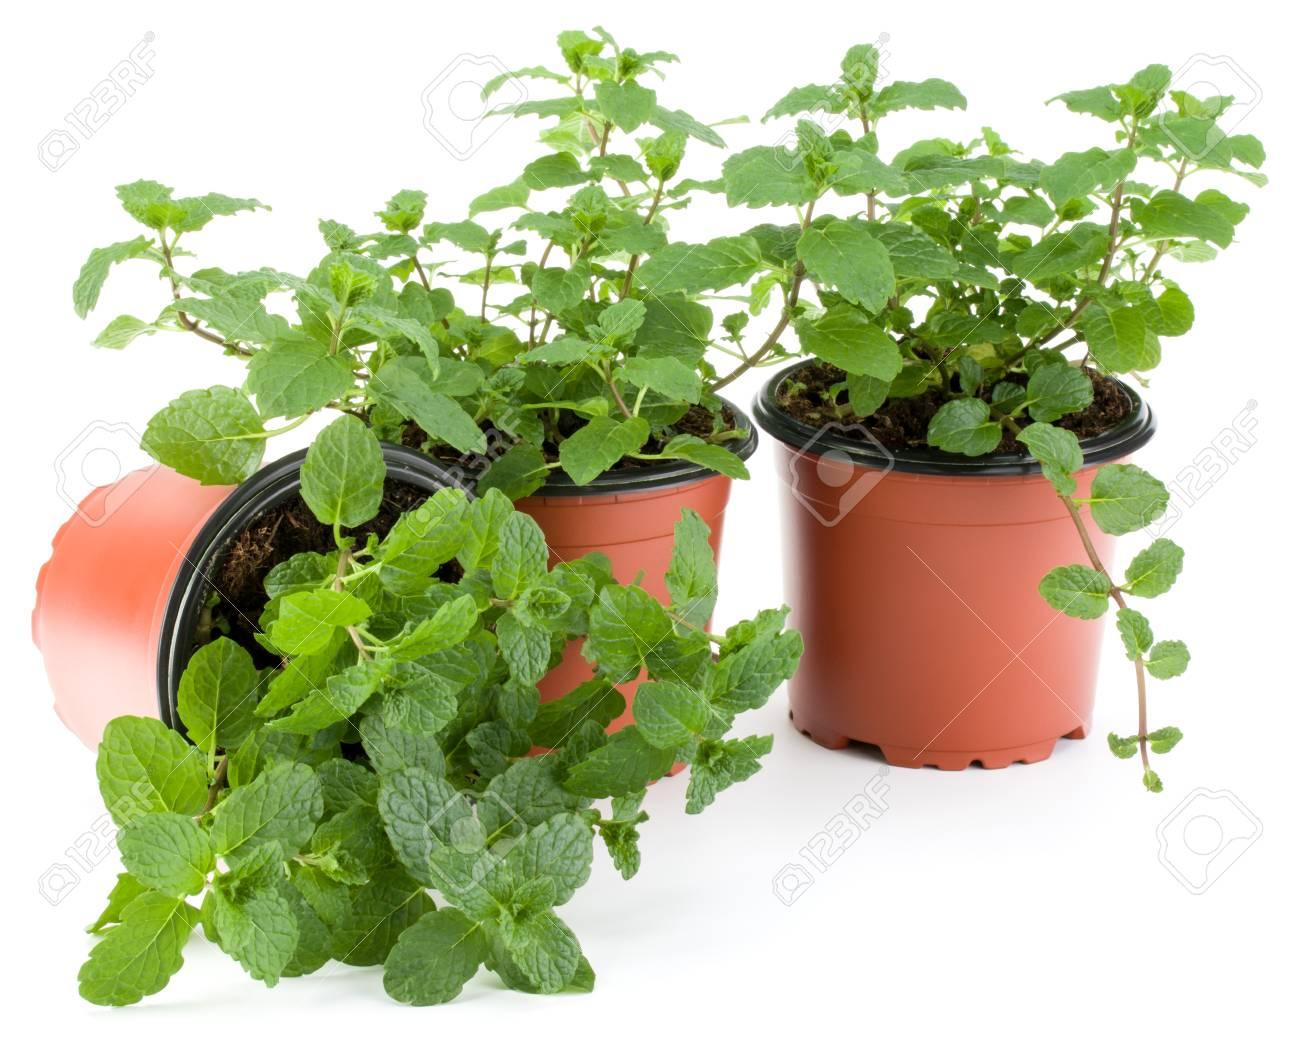 Plant De Menthe En Pot herbe de menthe poivrée qui pousse dans le pot de fleurs isolé sur la  découpe de fond blanc. feuilles de menthe. concept de jardinage.